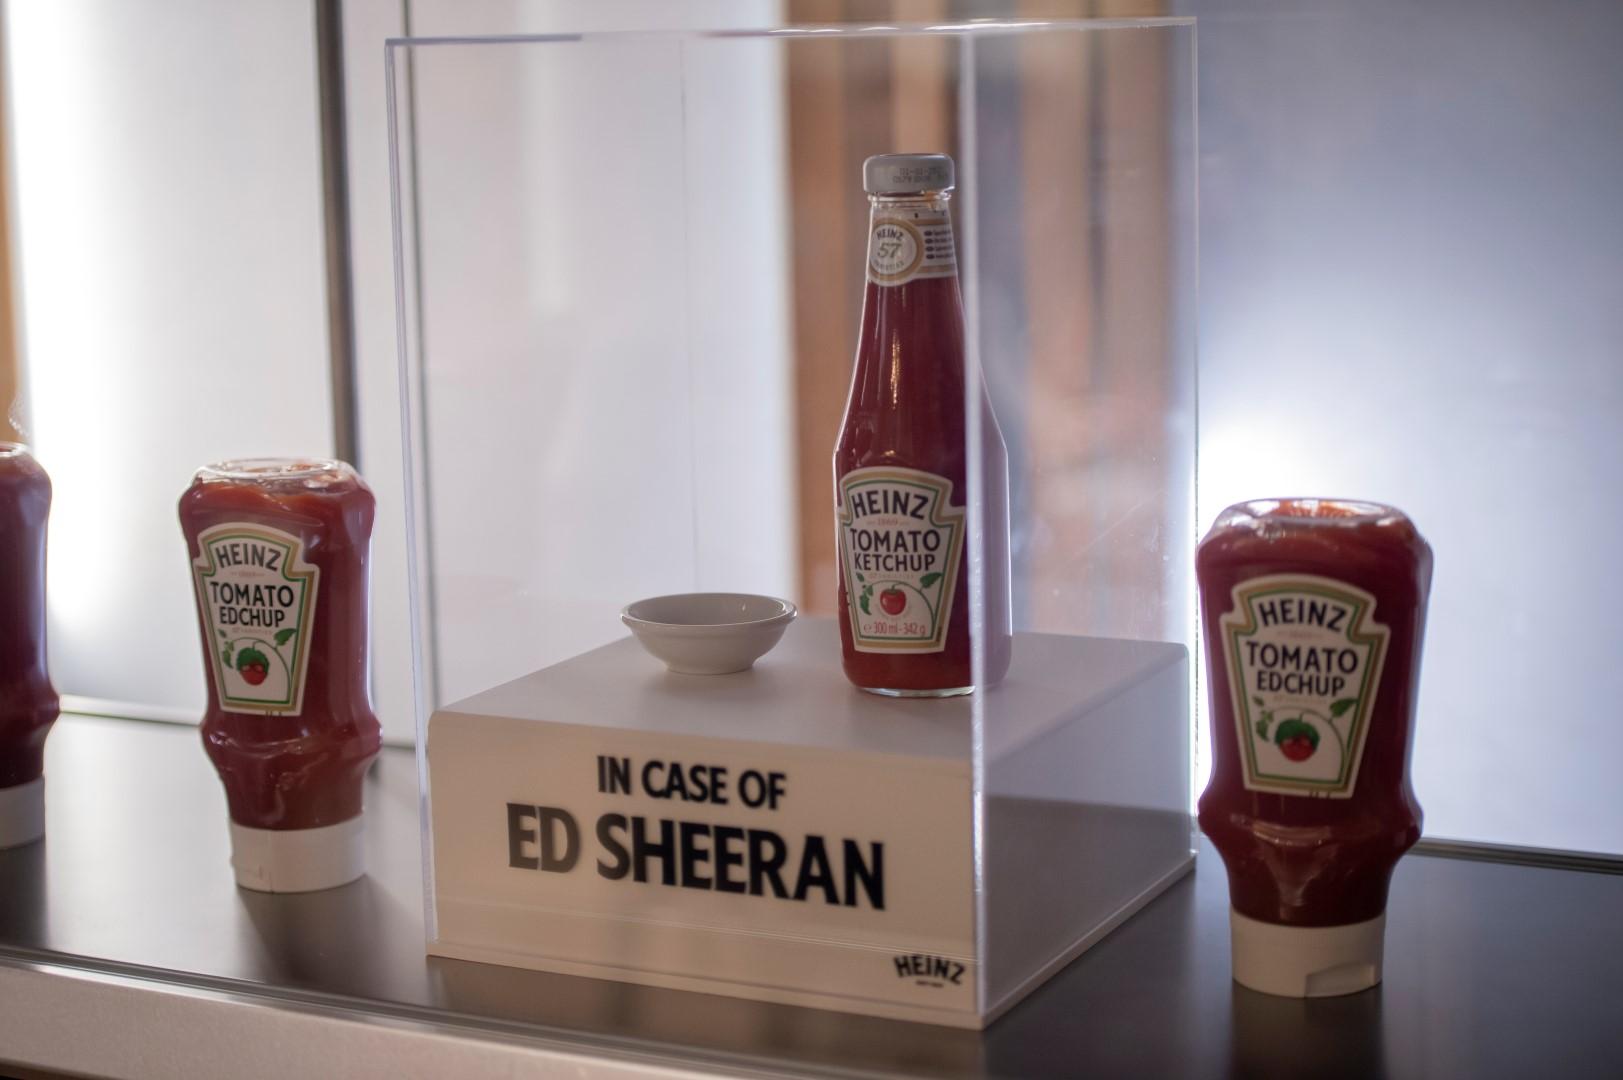 Ed Sheeran Heinz Ketchup